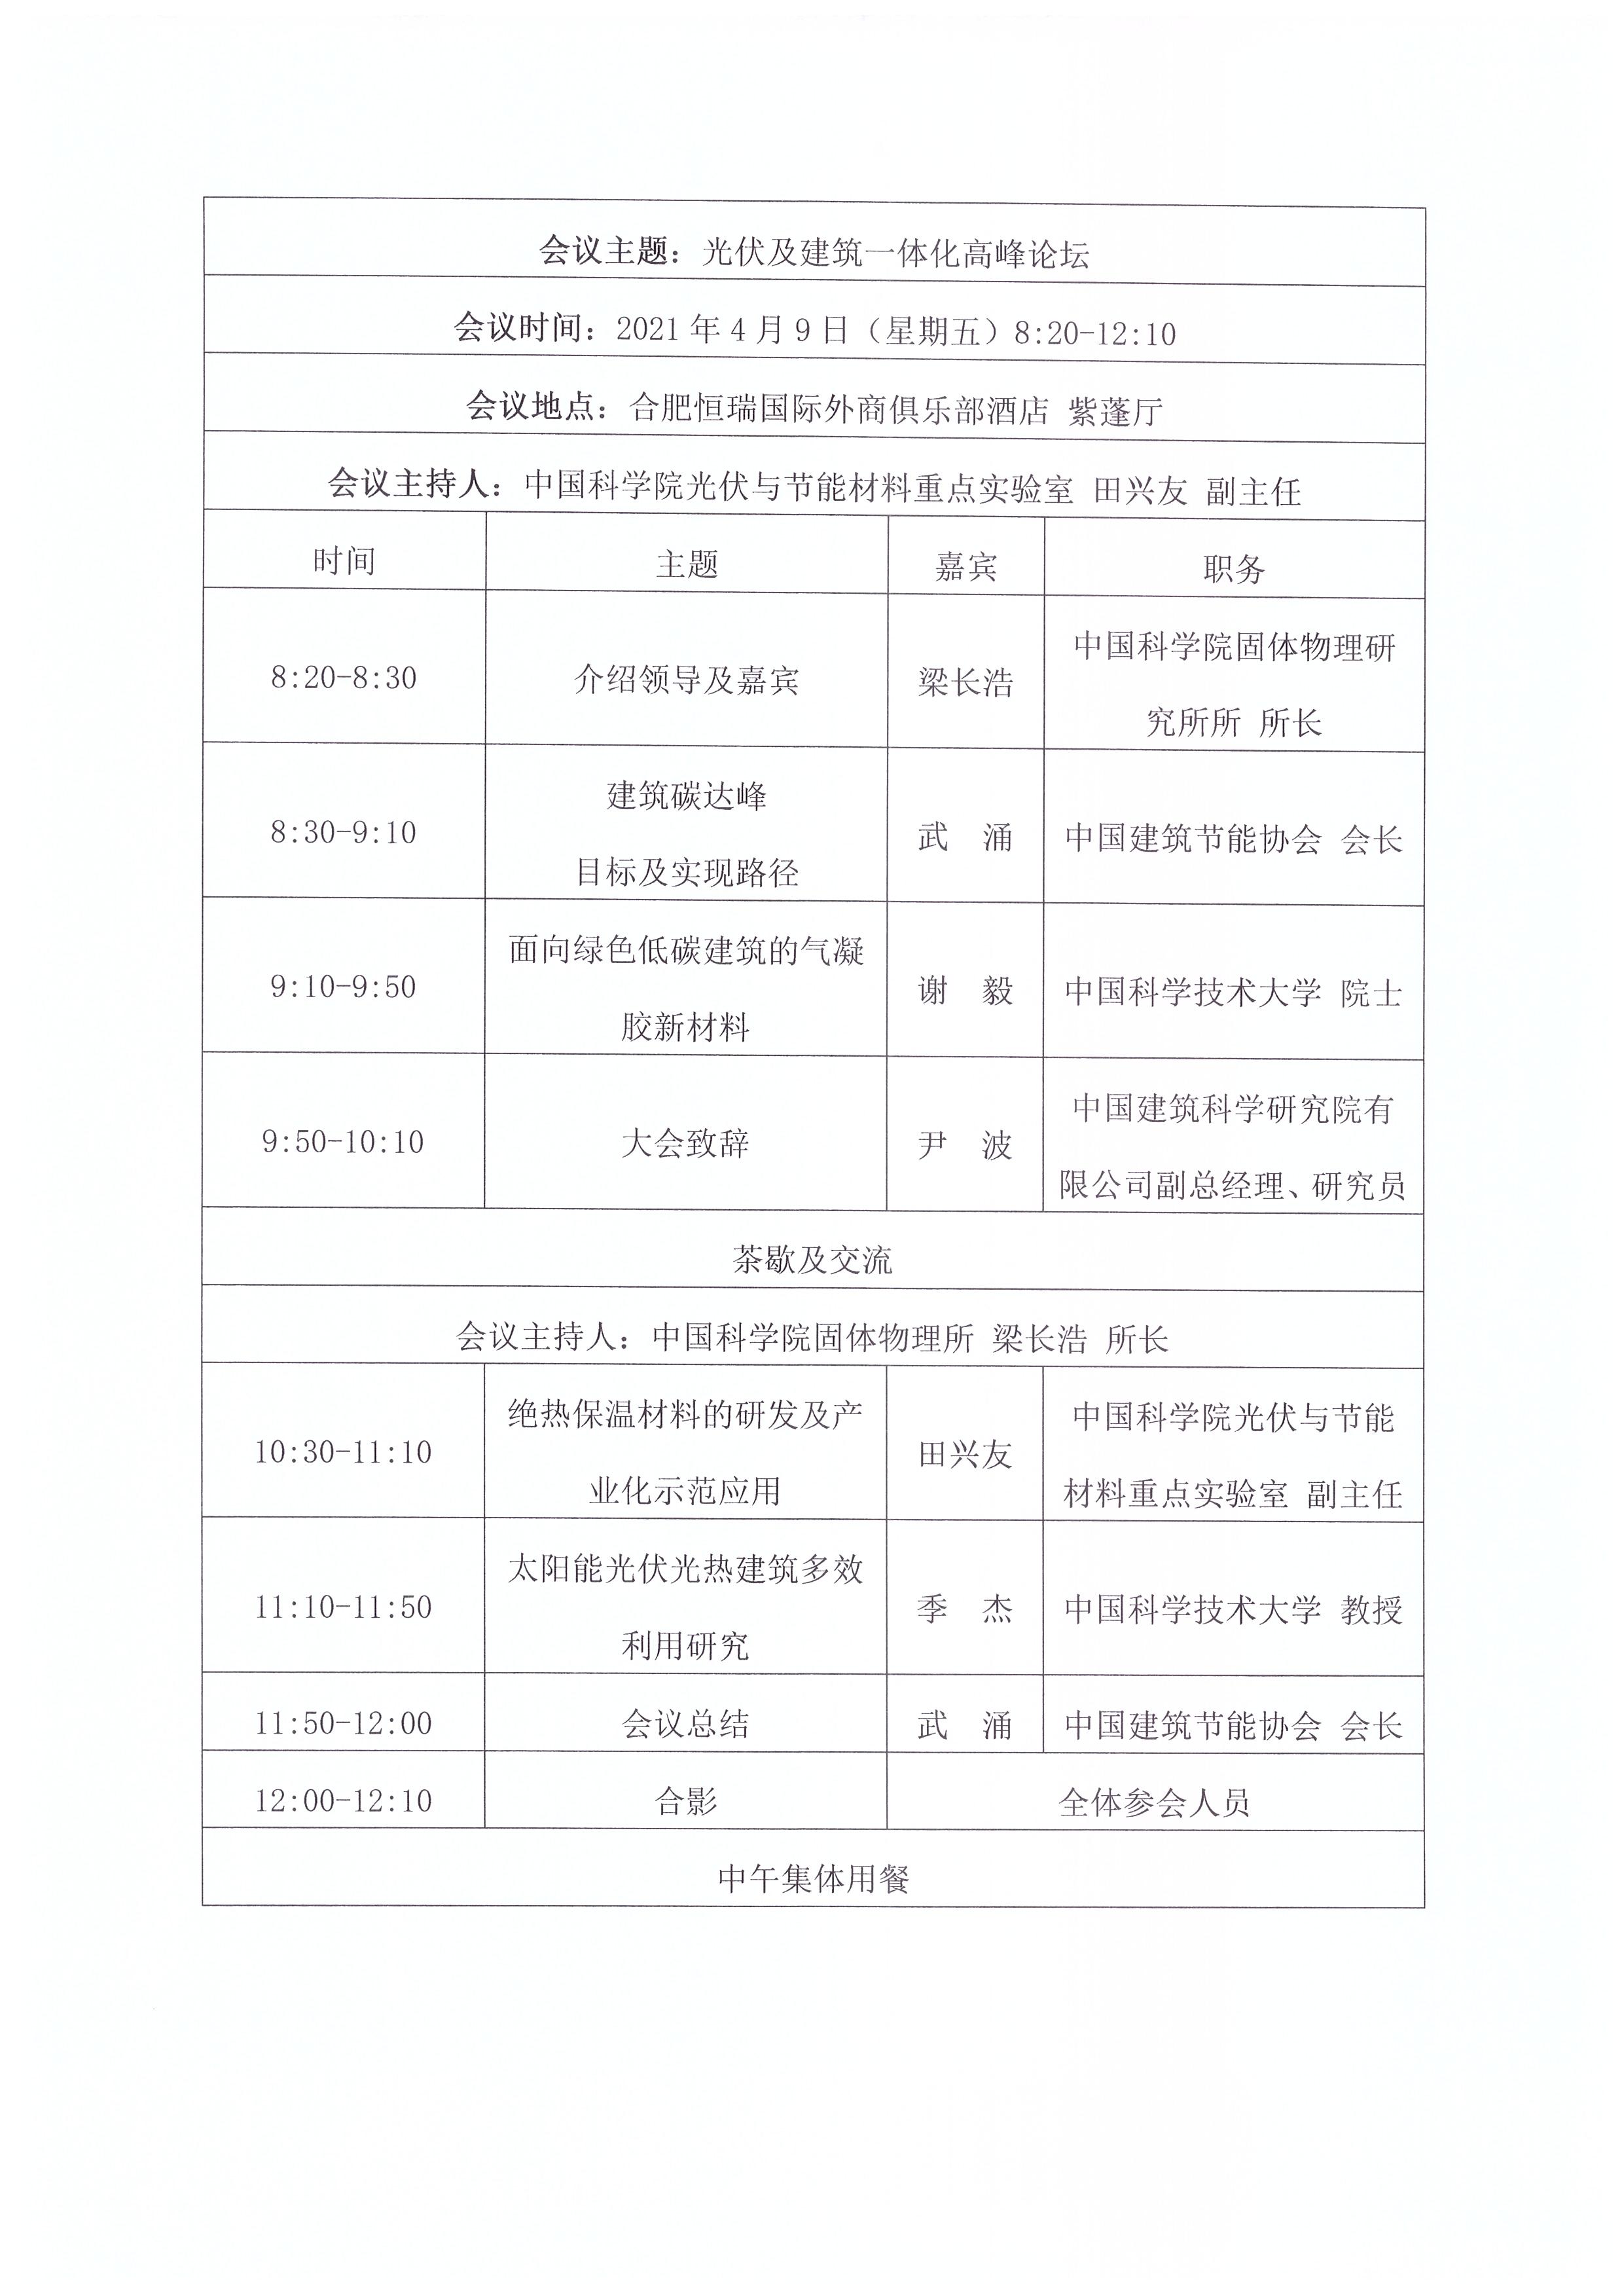 【0401】2021光伏建筑一体化论坛第二轮.pdf_页面_3.jpg